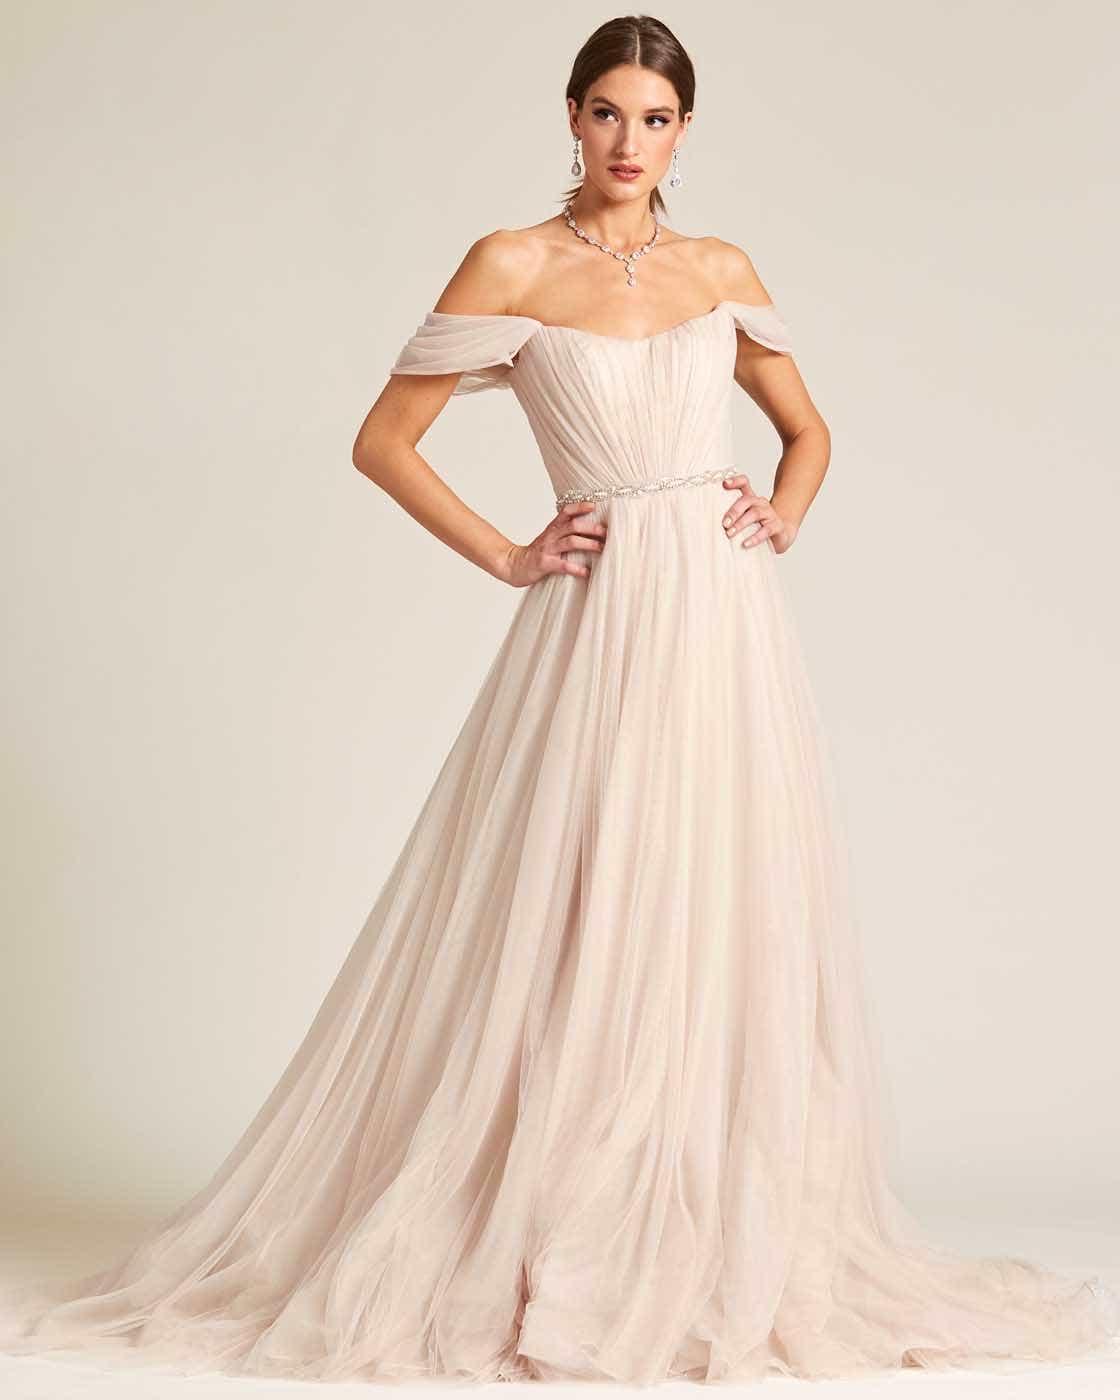 Beige Off Shoulder Ruched Formal Gown - Front